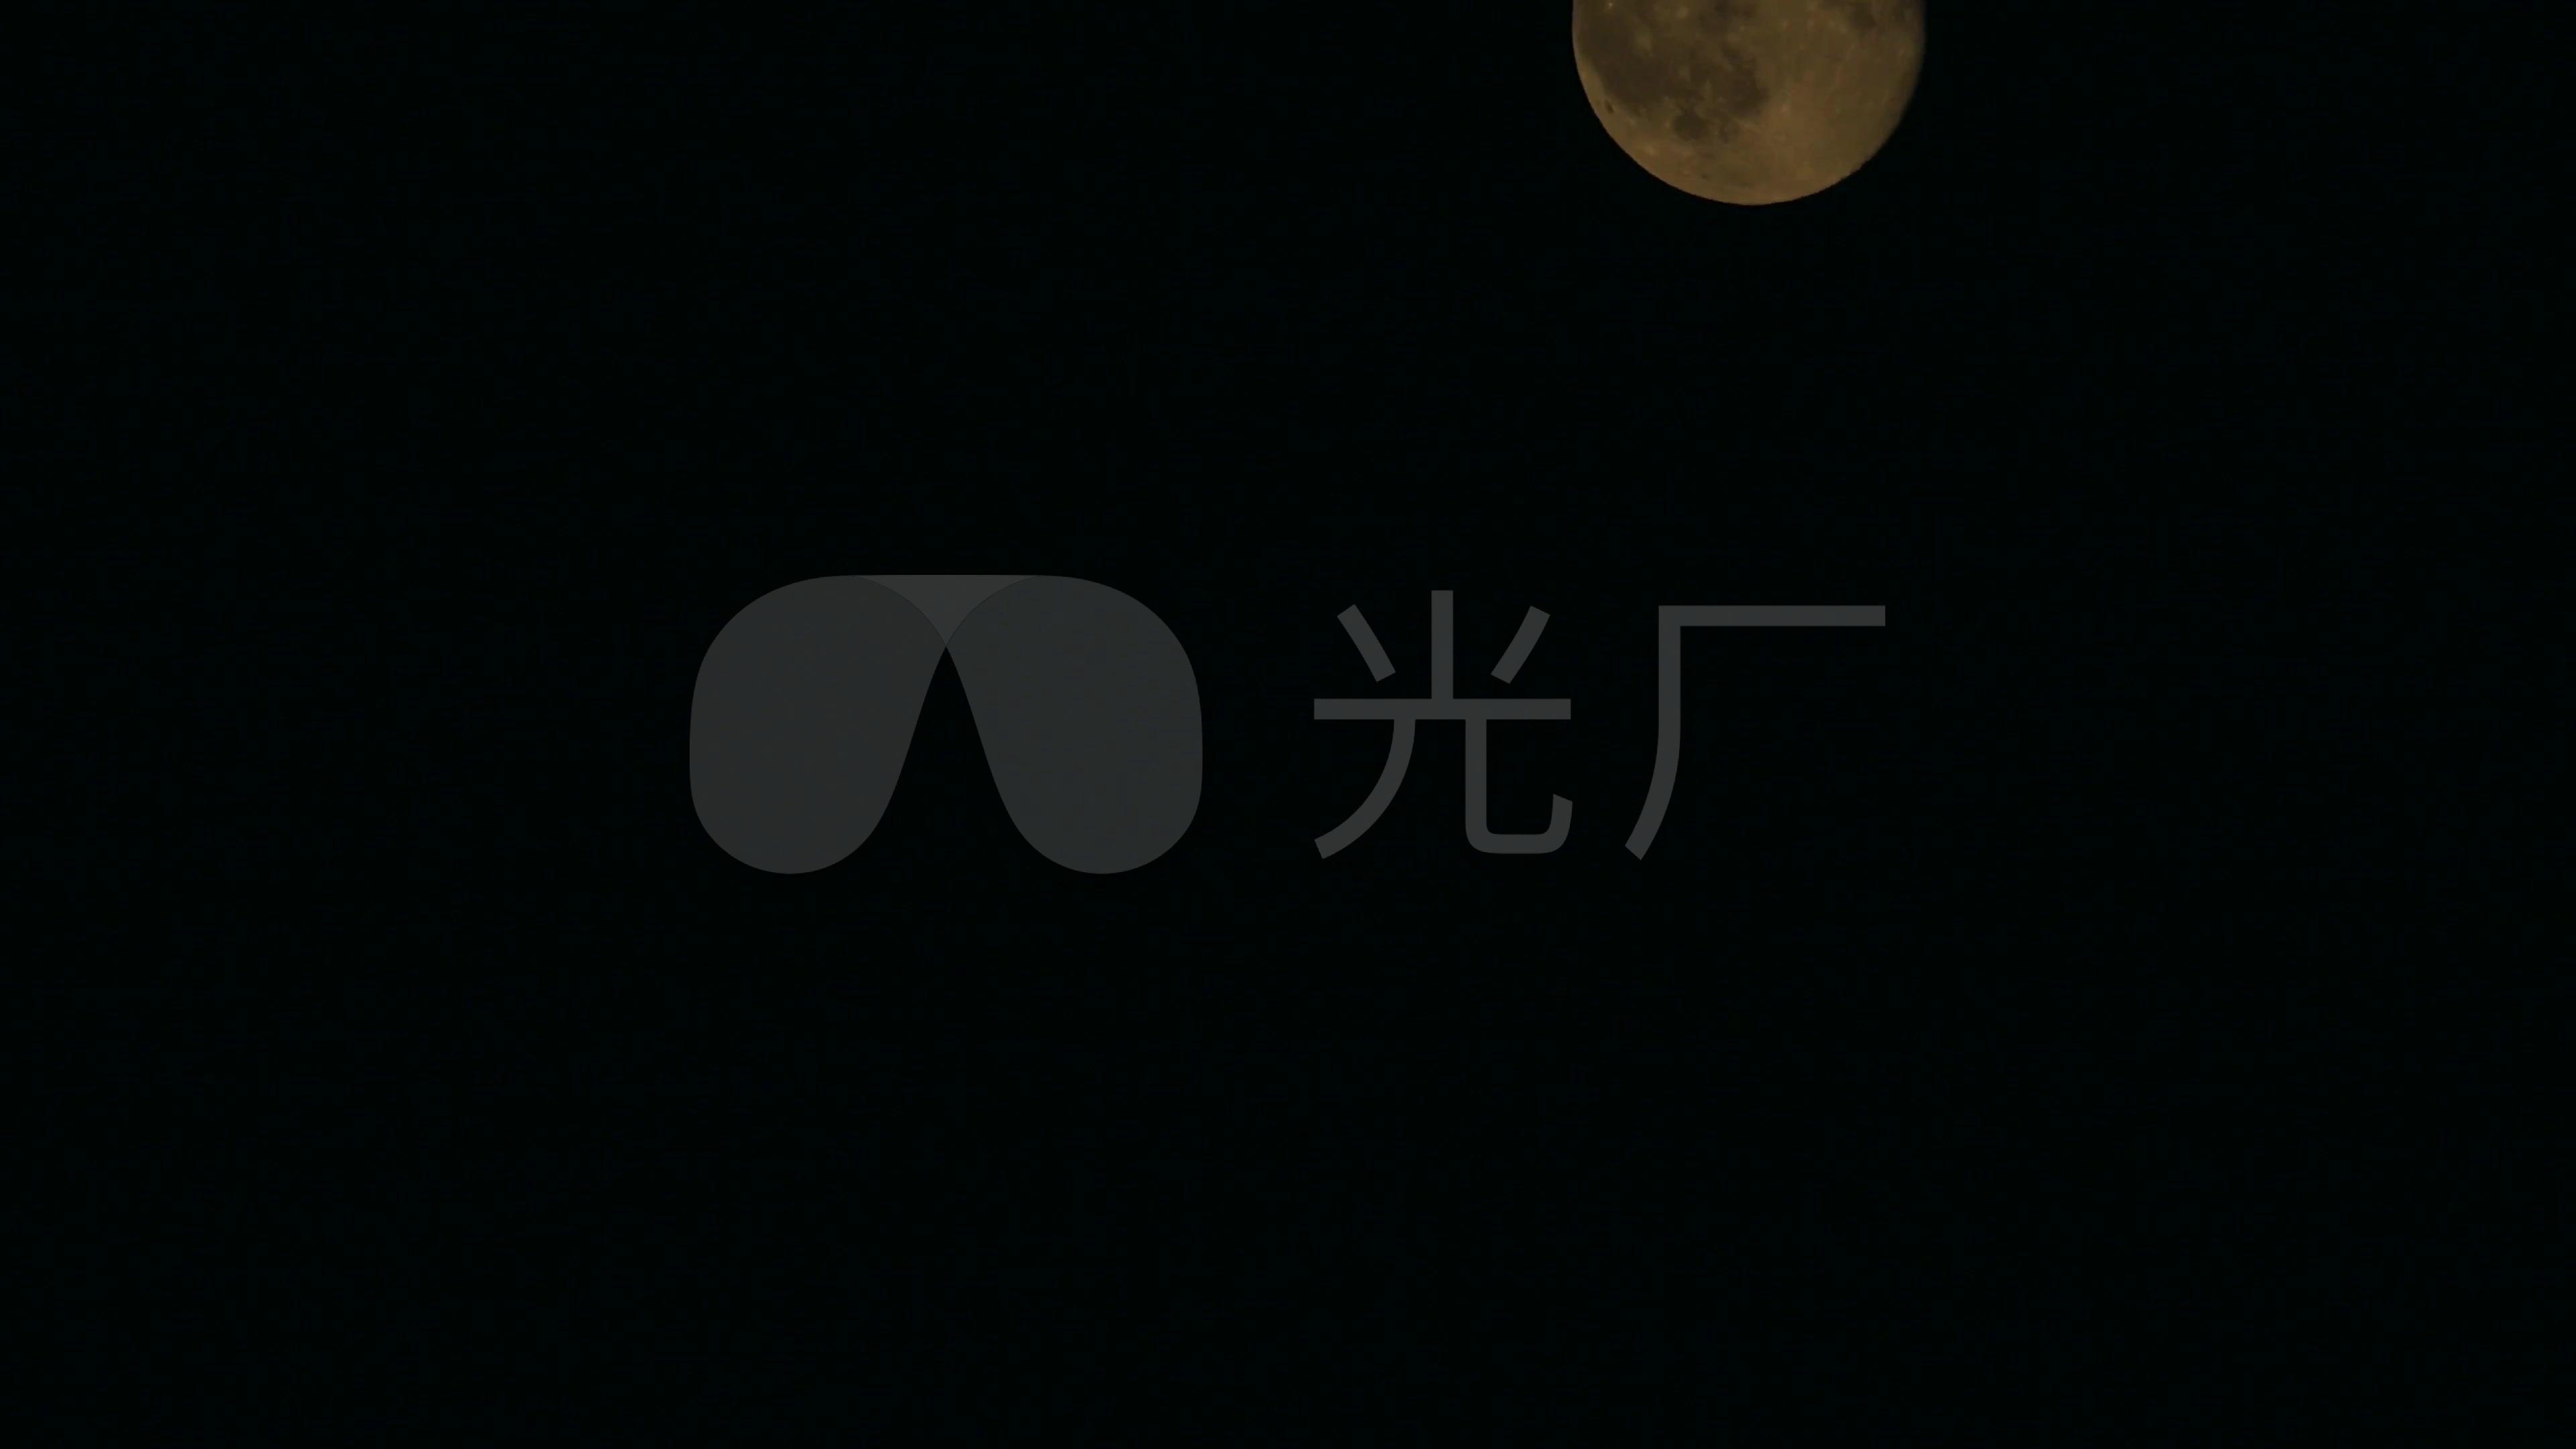 月亮夜晚月圆之夜4k_3840x2160_高清视频素材下载(:)